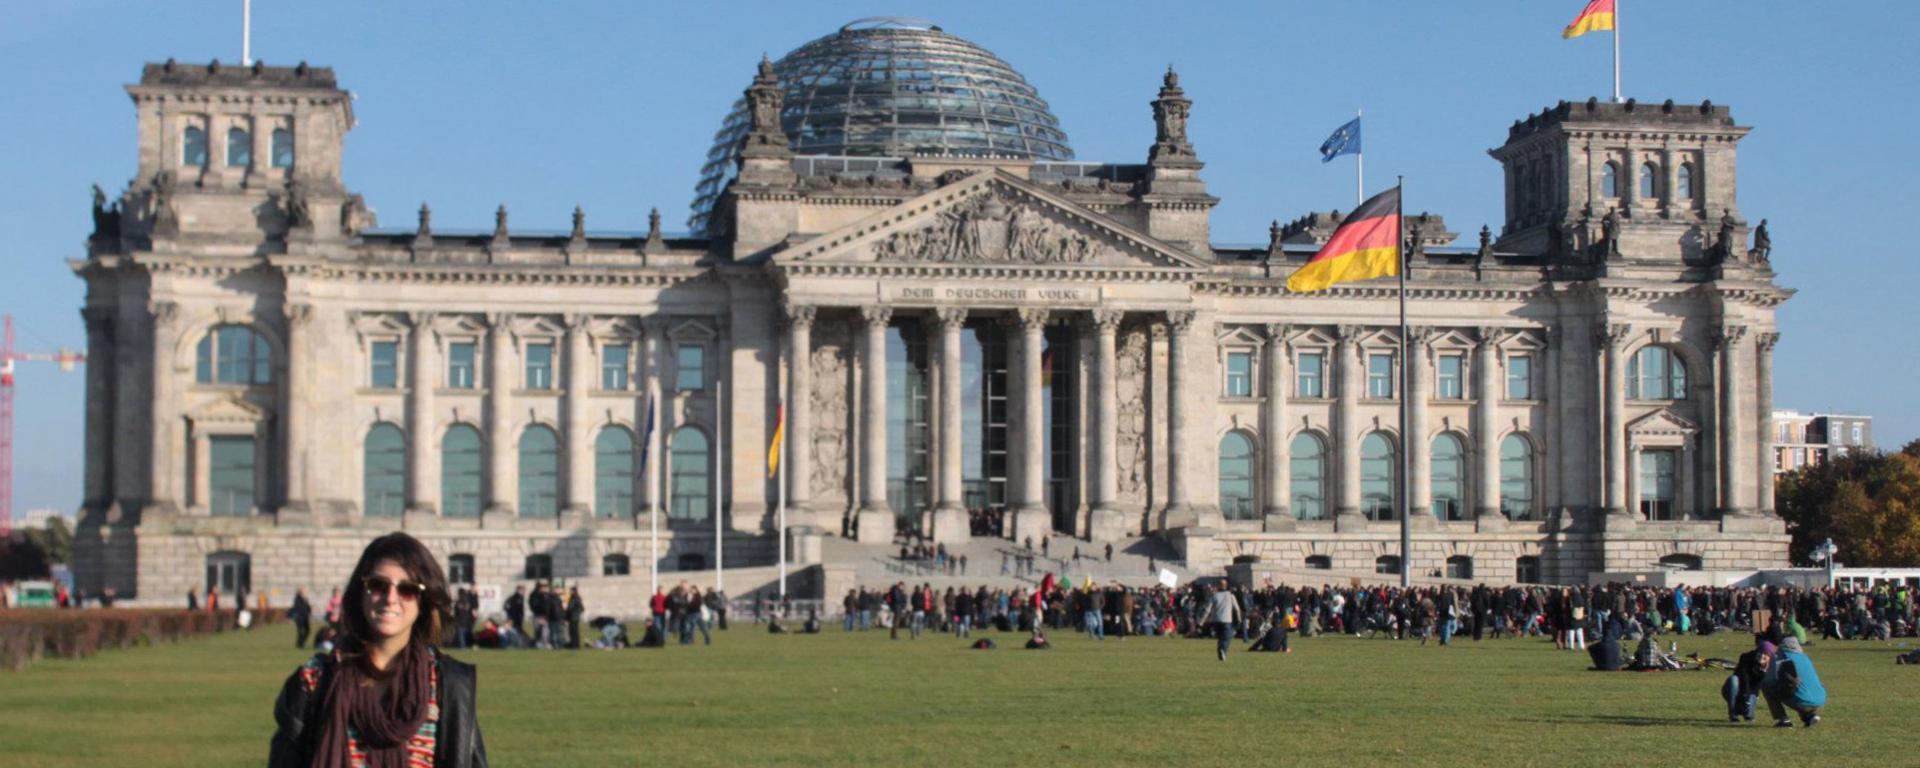 تحصیل کارشناسی ارشد در کشور آلمان